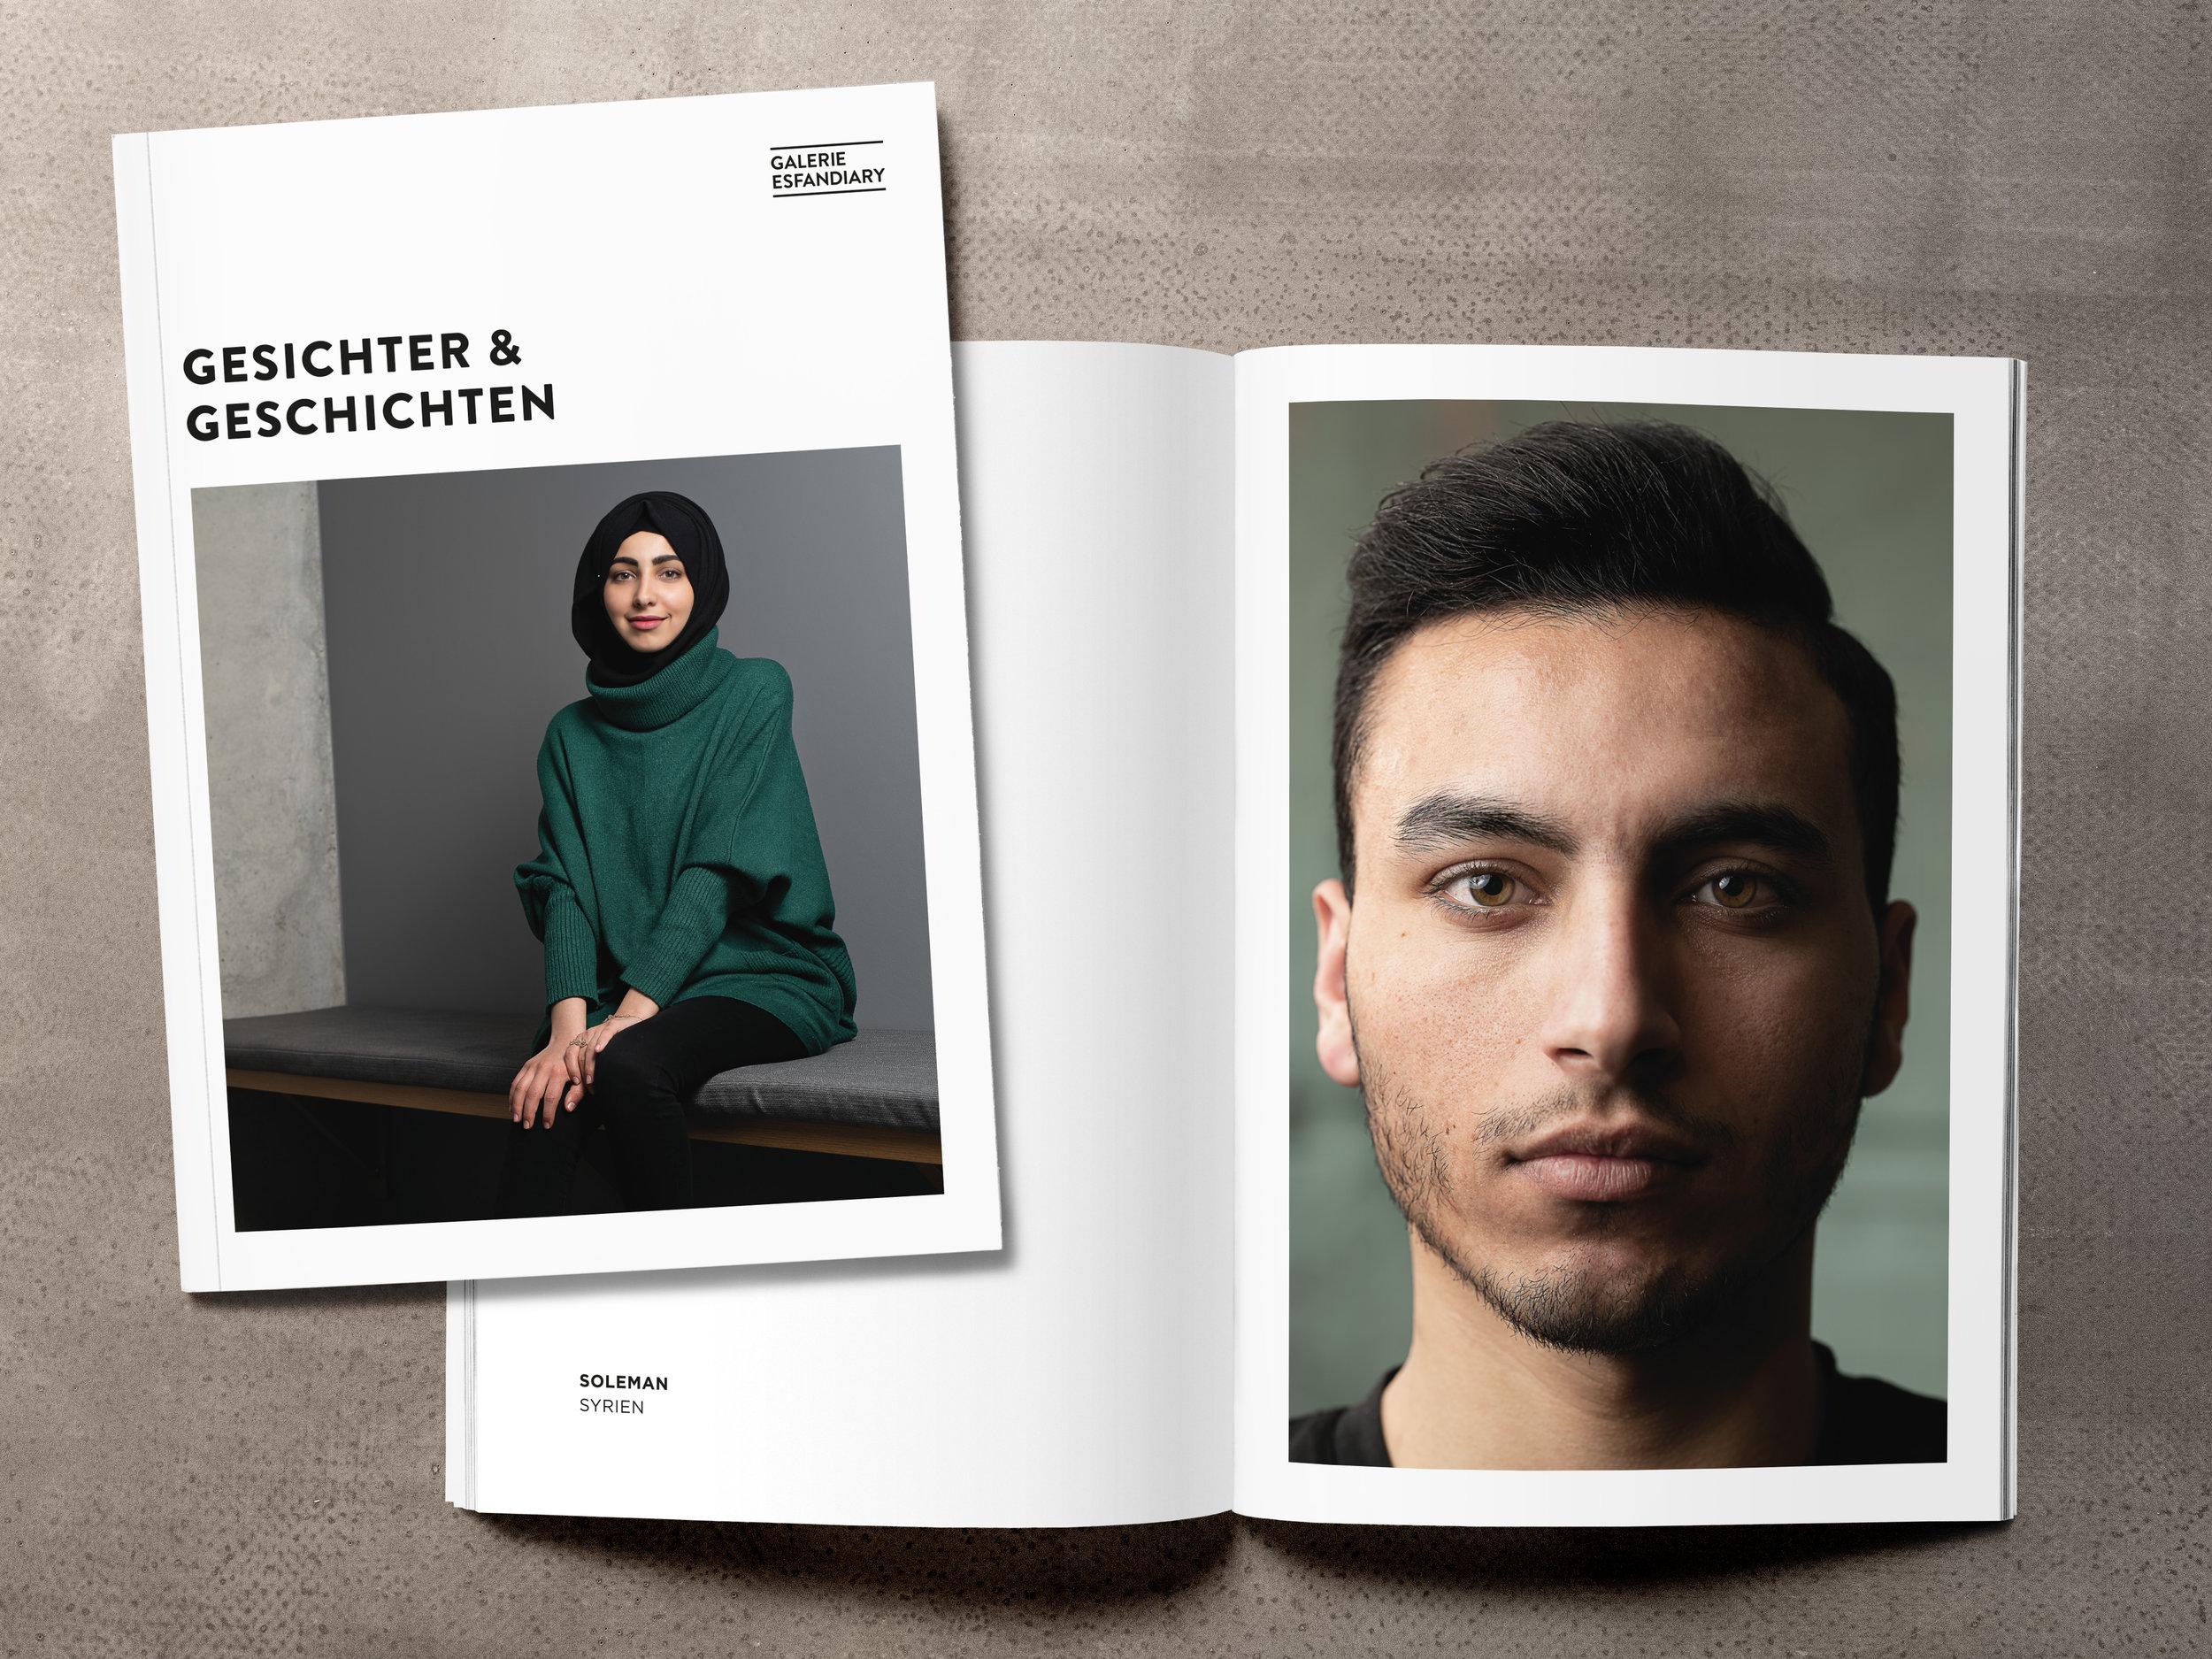 Galerie-Esfandiary_Gesichter_Geschichten_Buch.jpg